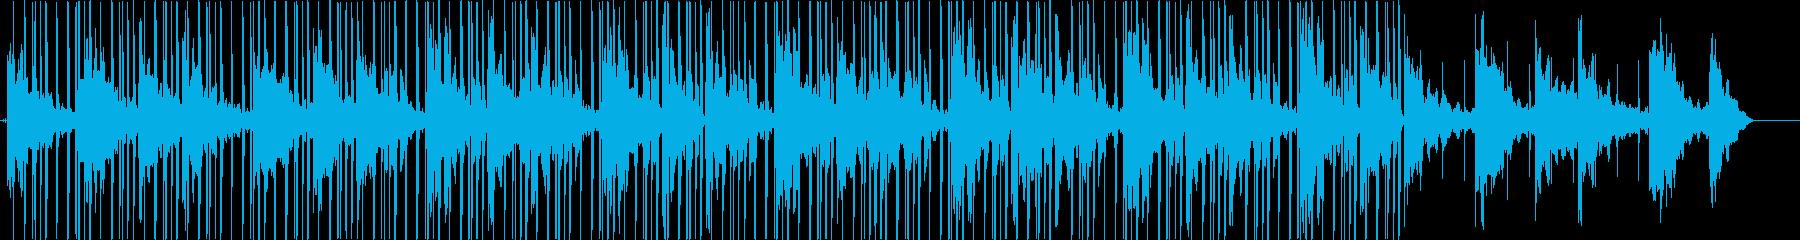 【チル】LoFi / オシャレ / 勉強の再生済みの波形